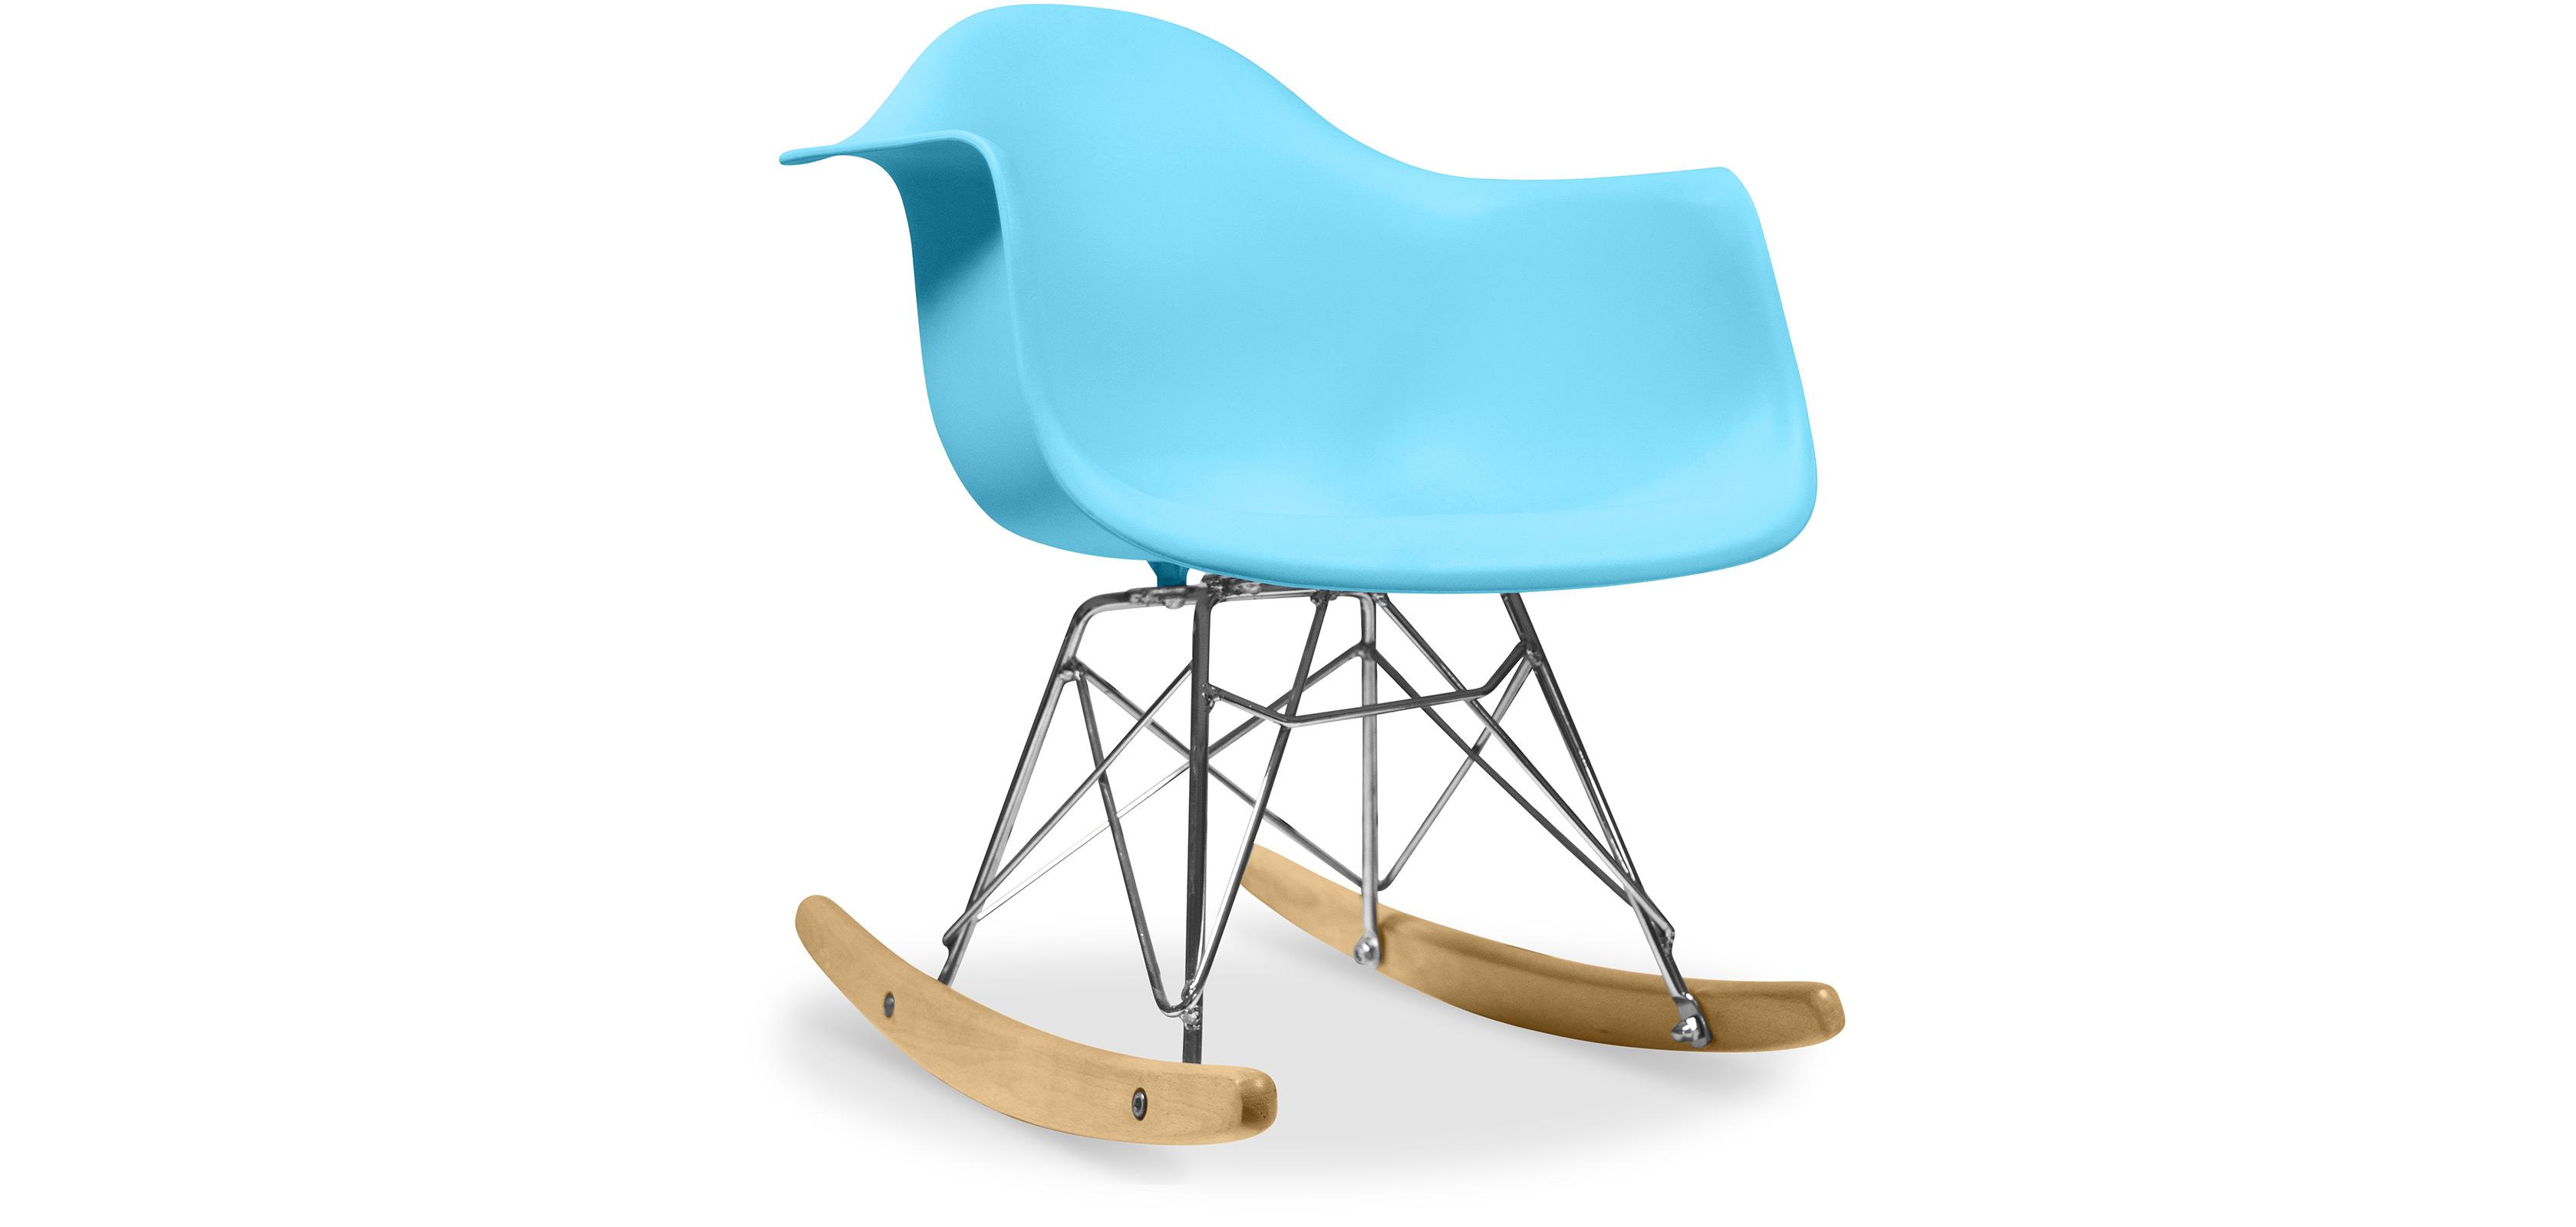 kinderstuhl rar charles eames. Black Bedroom Furniture Sets. Home Design Ideas